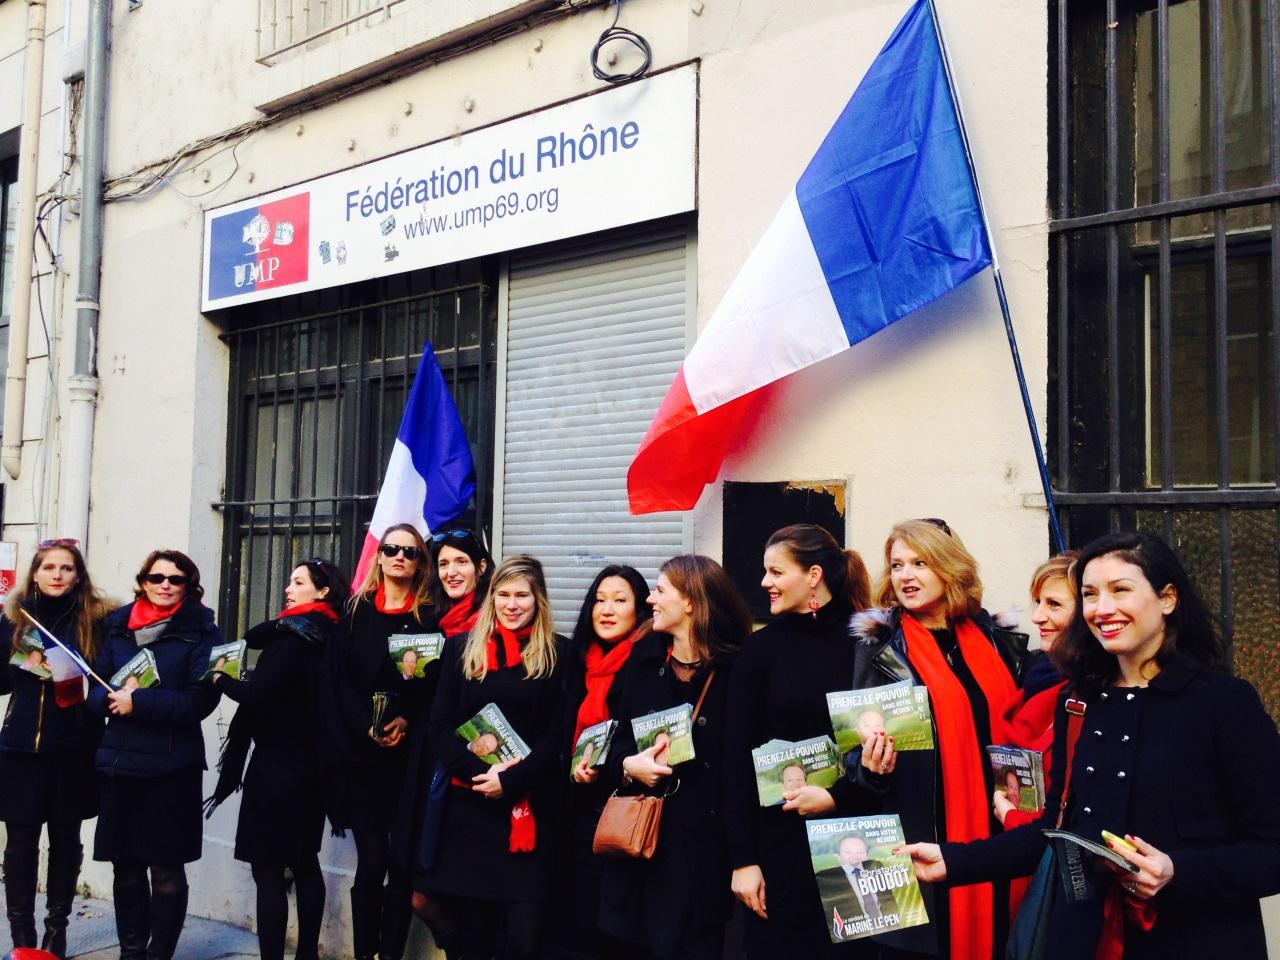 Le cortège devant la permanence de Wauquiez - LyonMag